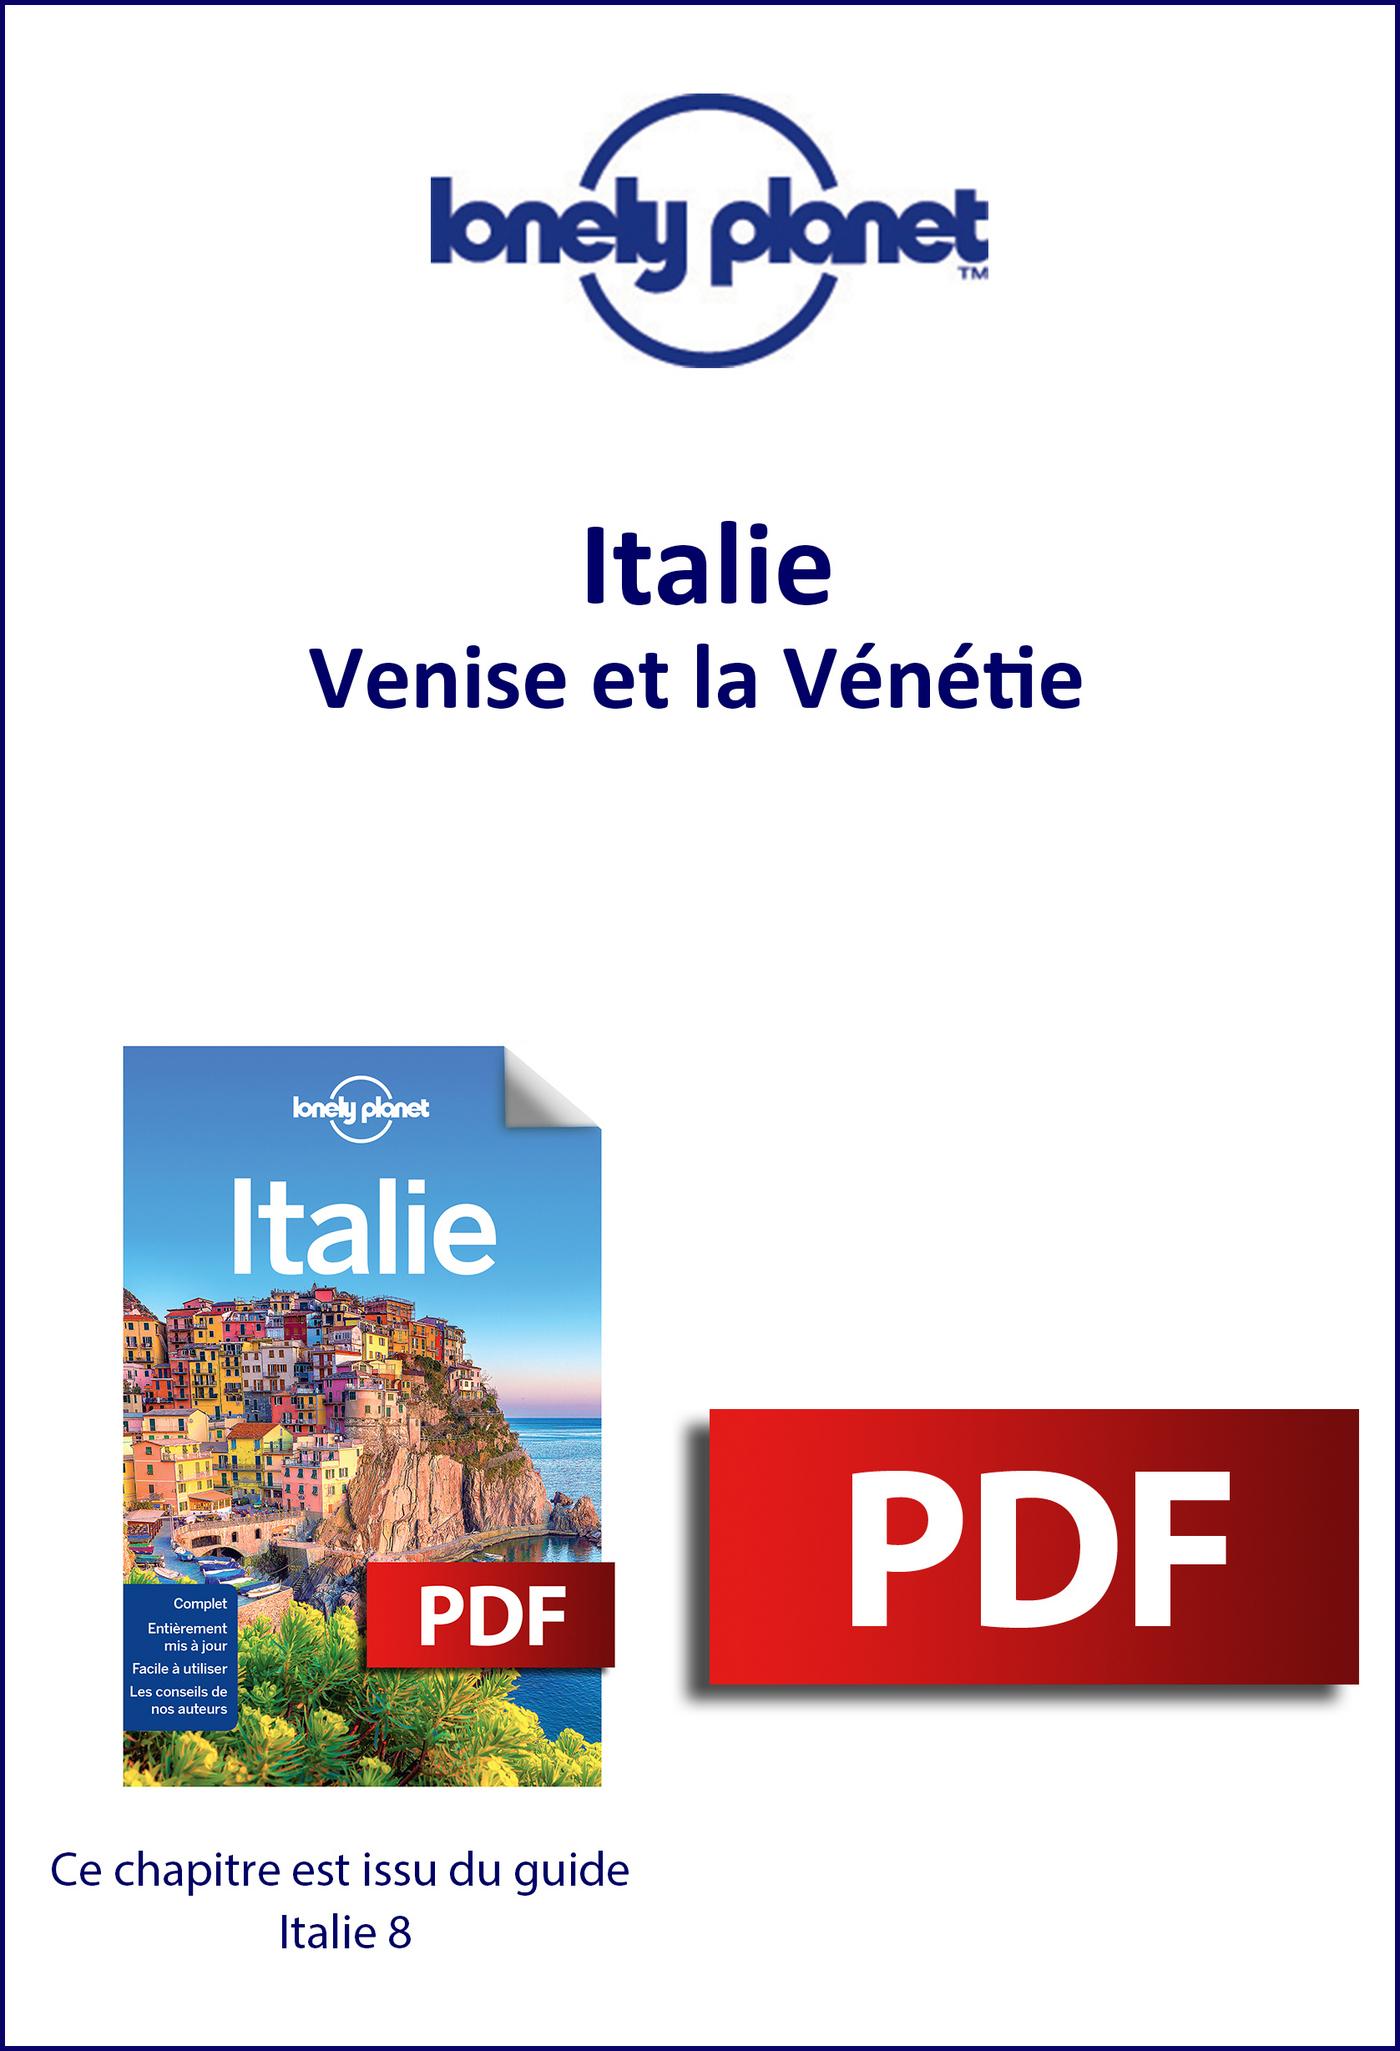 Italie - Venise et la Vénétie